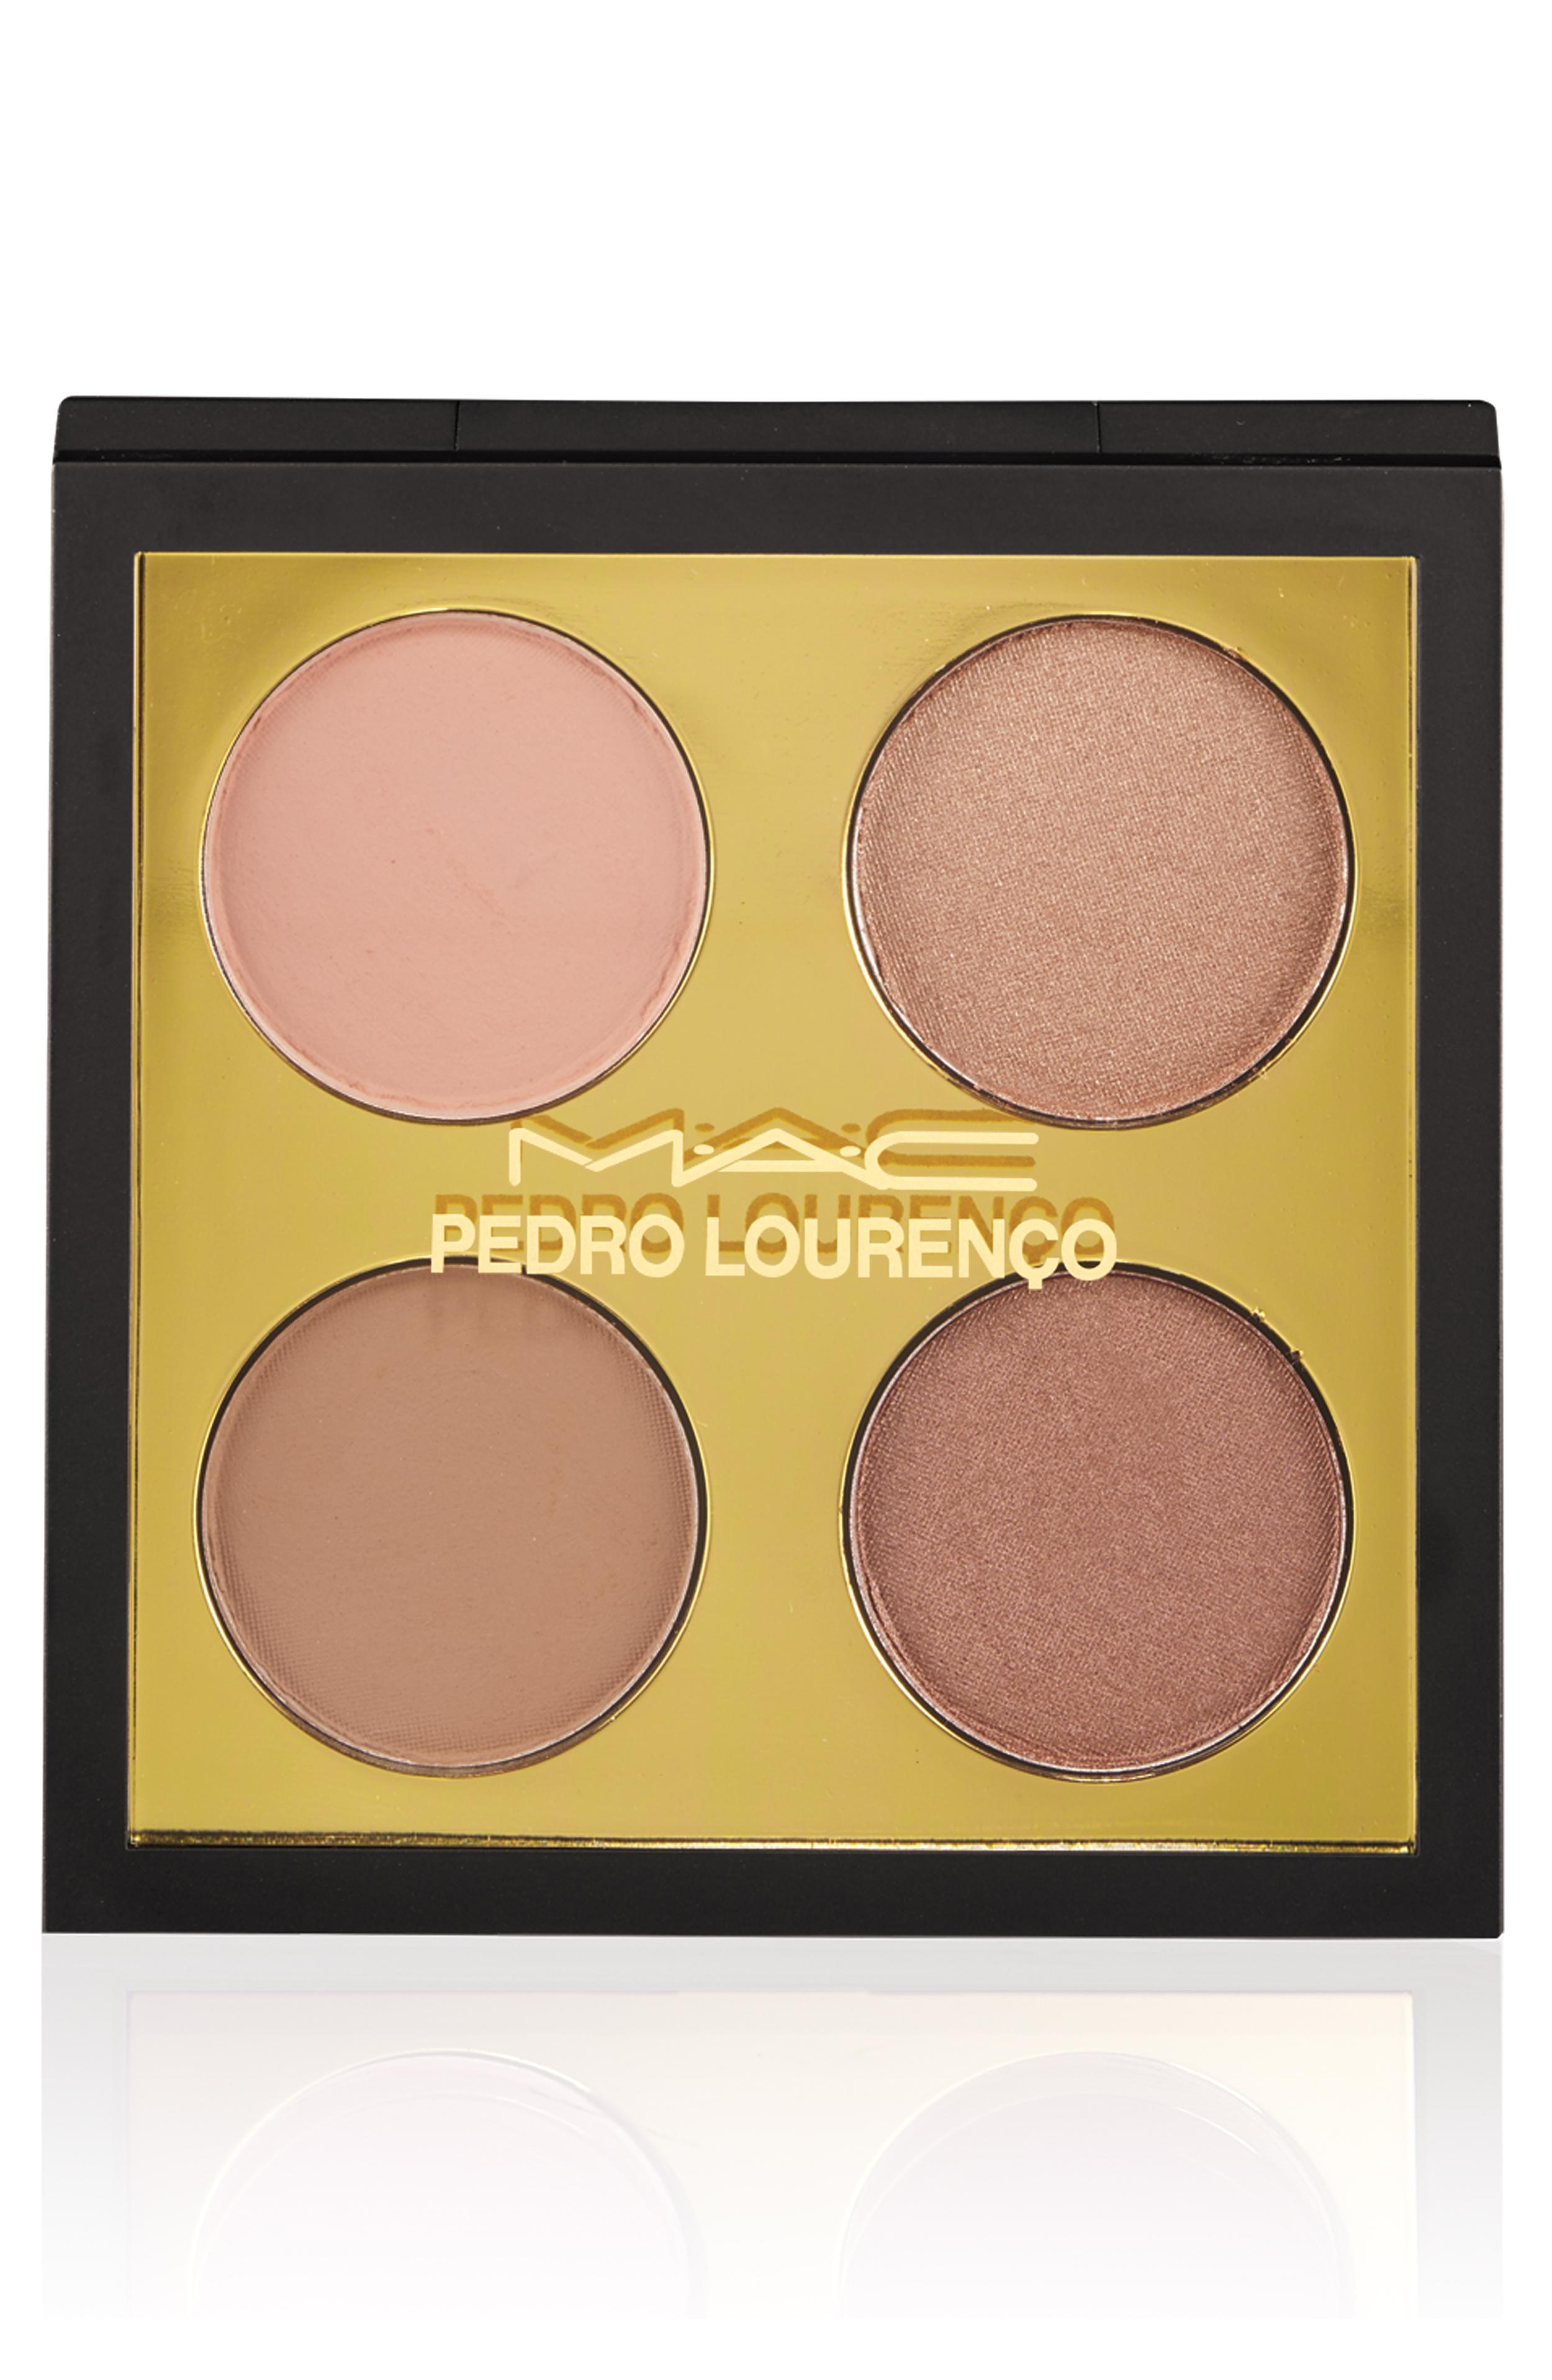 M.A.C. Pedro Lourenco Nude Eye Shadow Quad